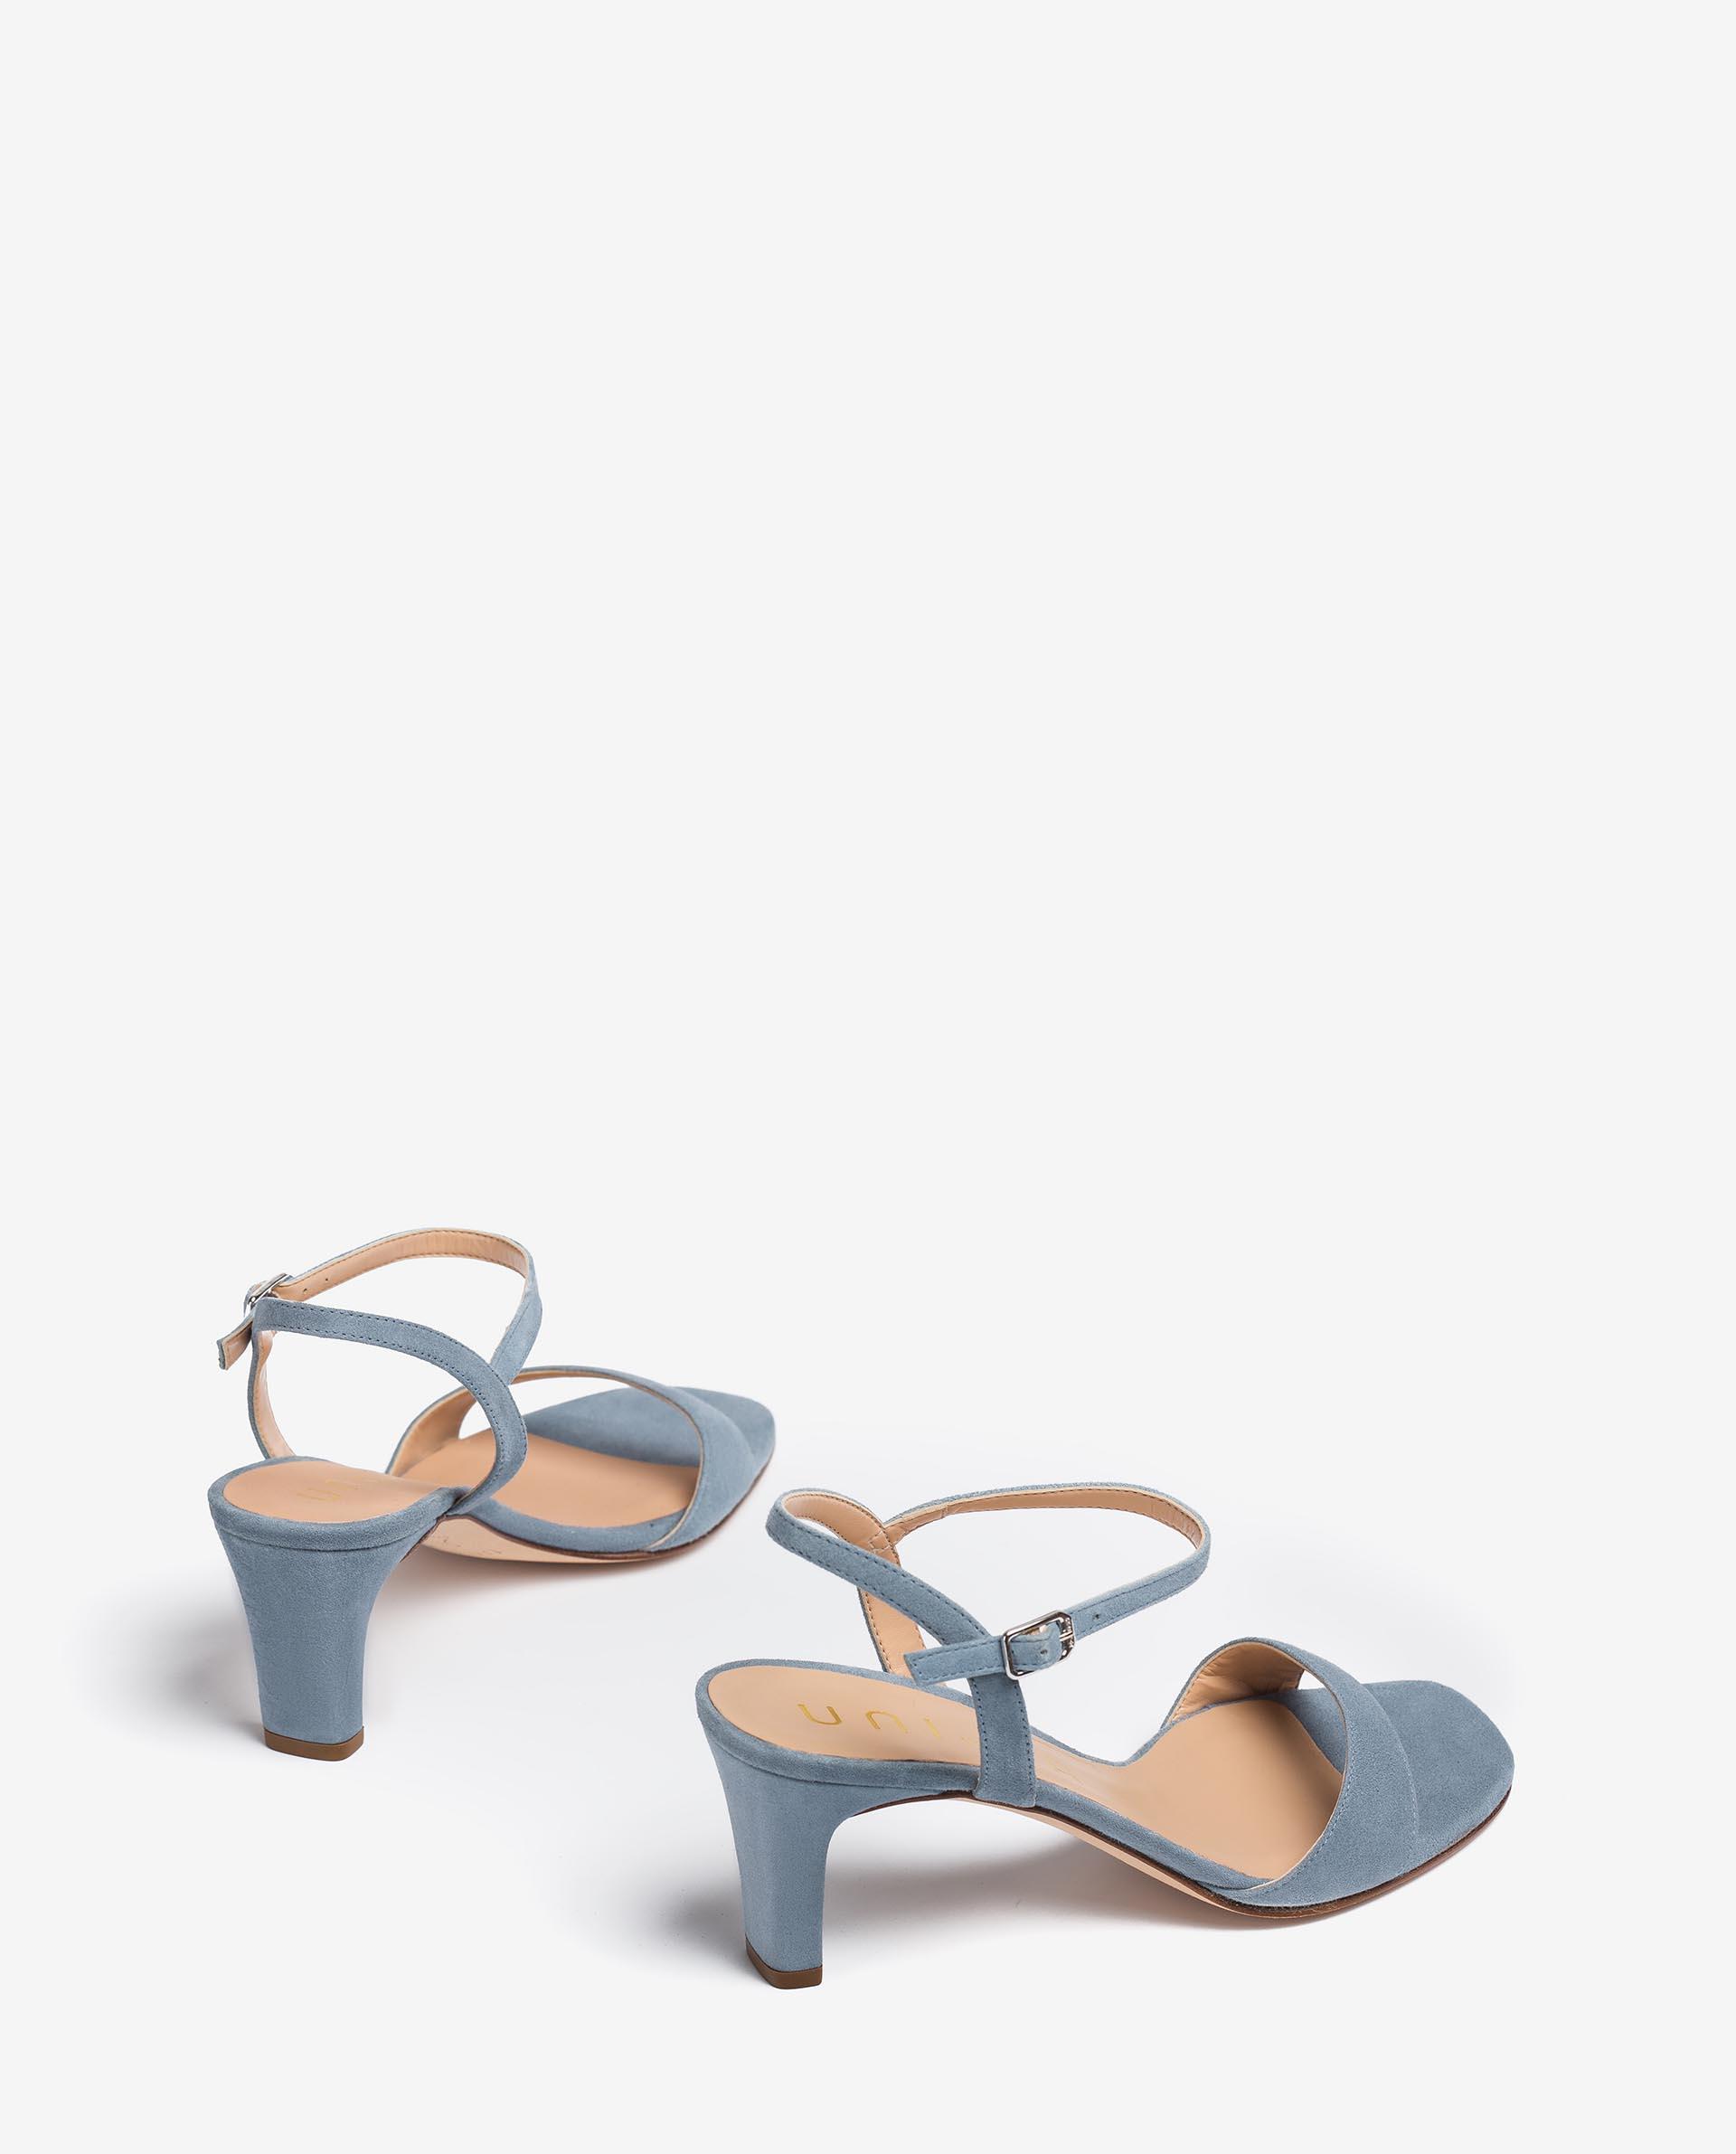 UNISA Sensible heel sandals MECHI_21_KS 2